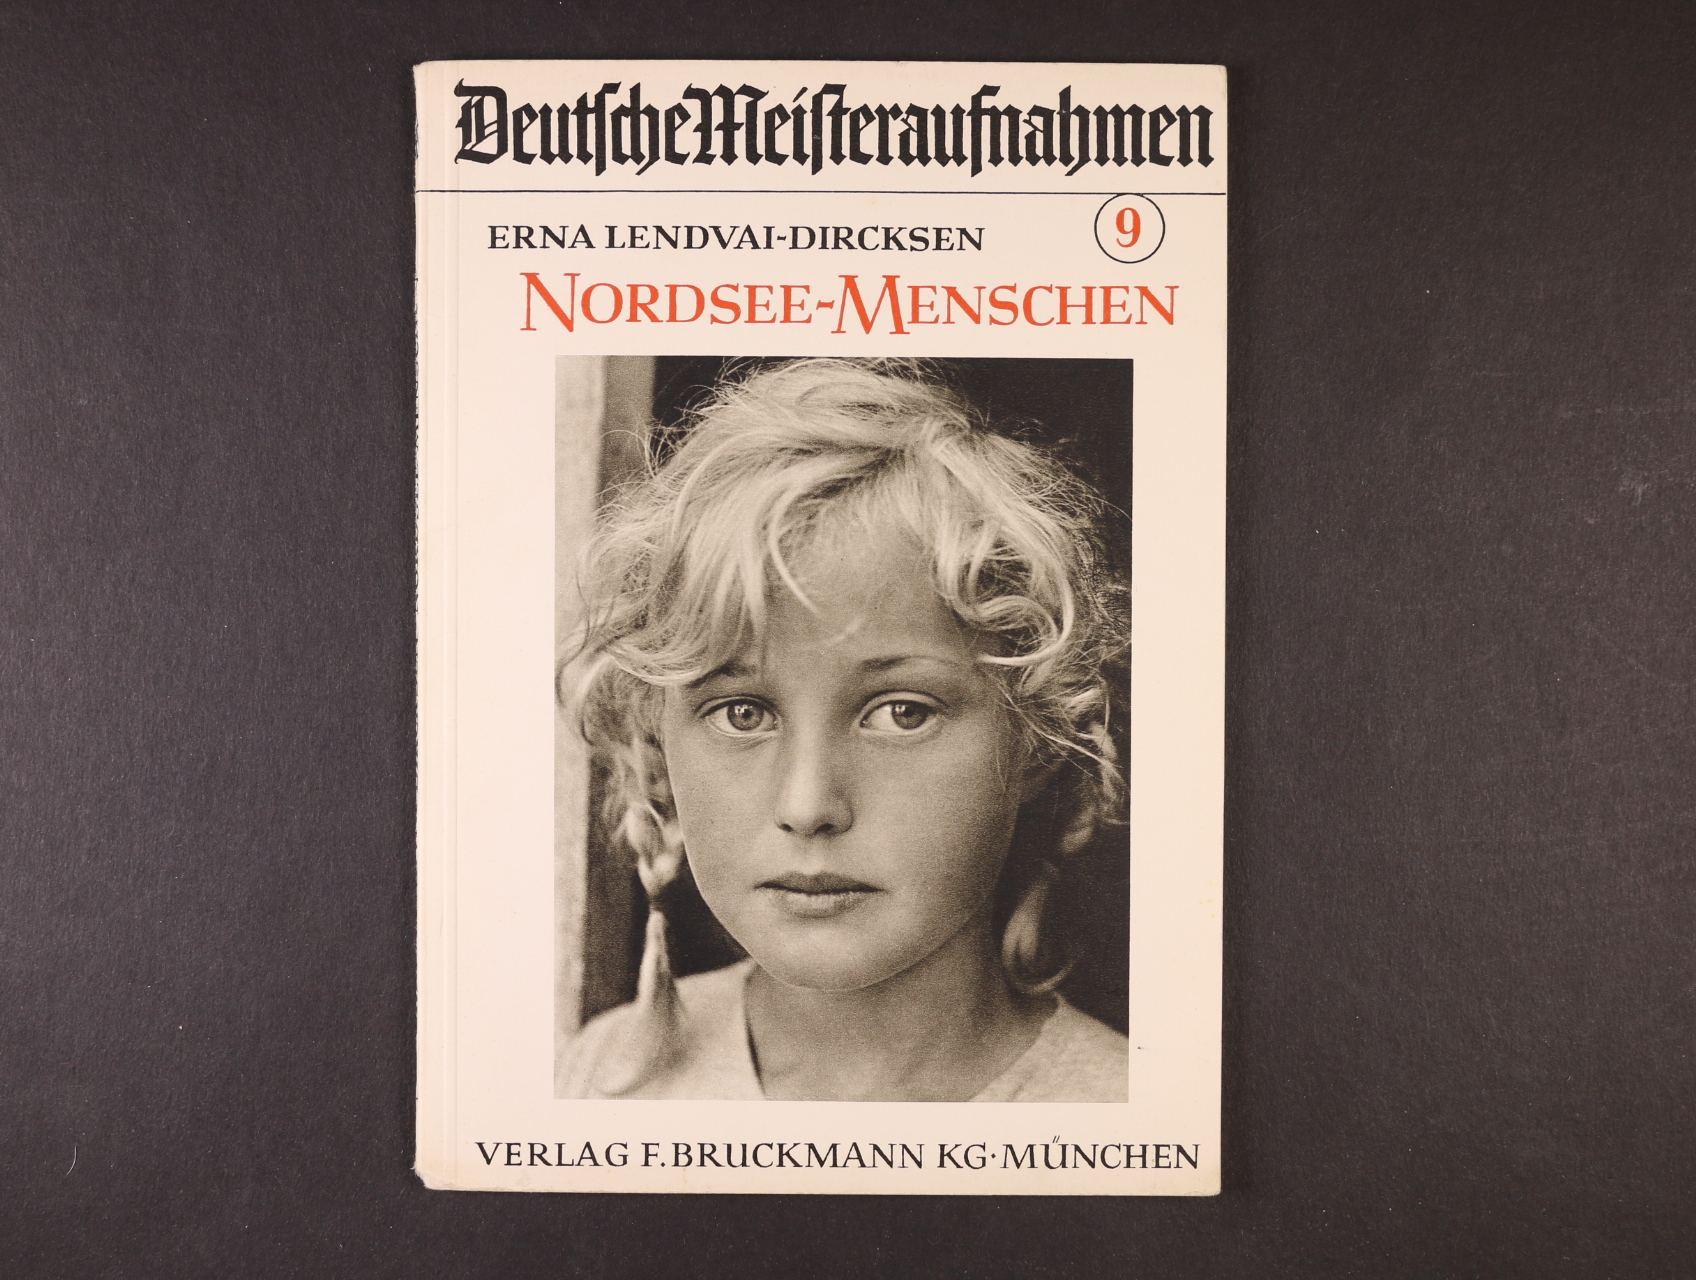 brožura Deutsche Meisteraufnahmen - Erna Lendvai Dircksen - Nordsee Menschen (1937) s fotografiemi, na titulní straně fotografie dívky